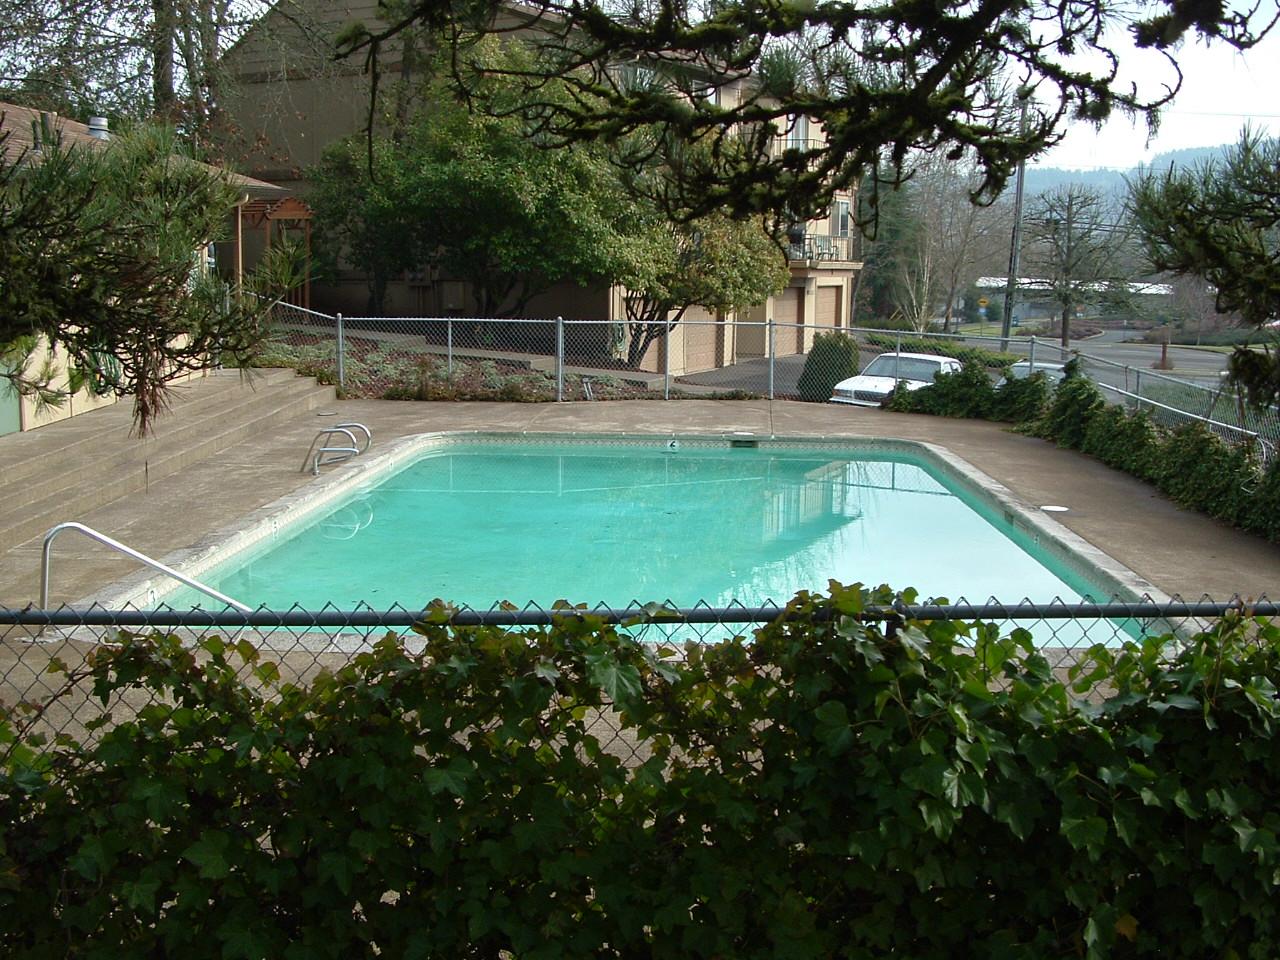 Rec room pool for Rec room pools